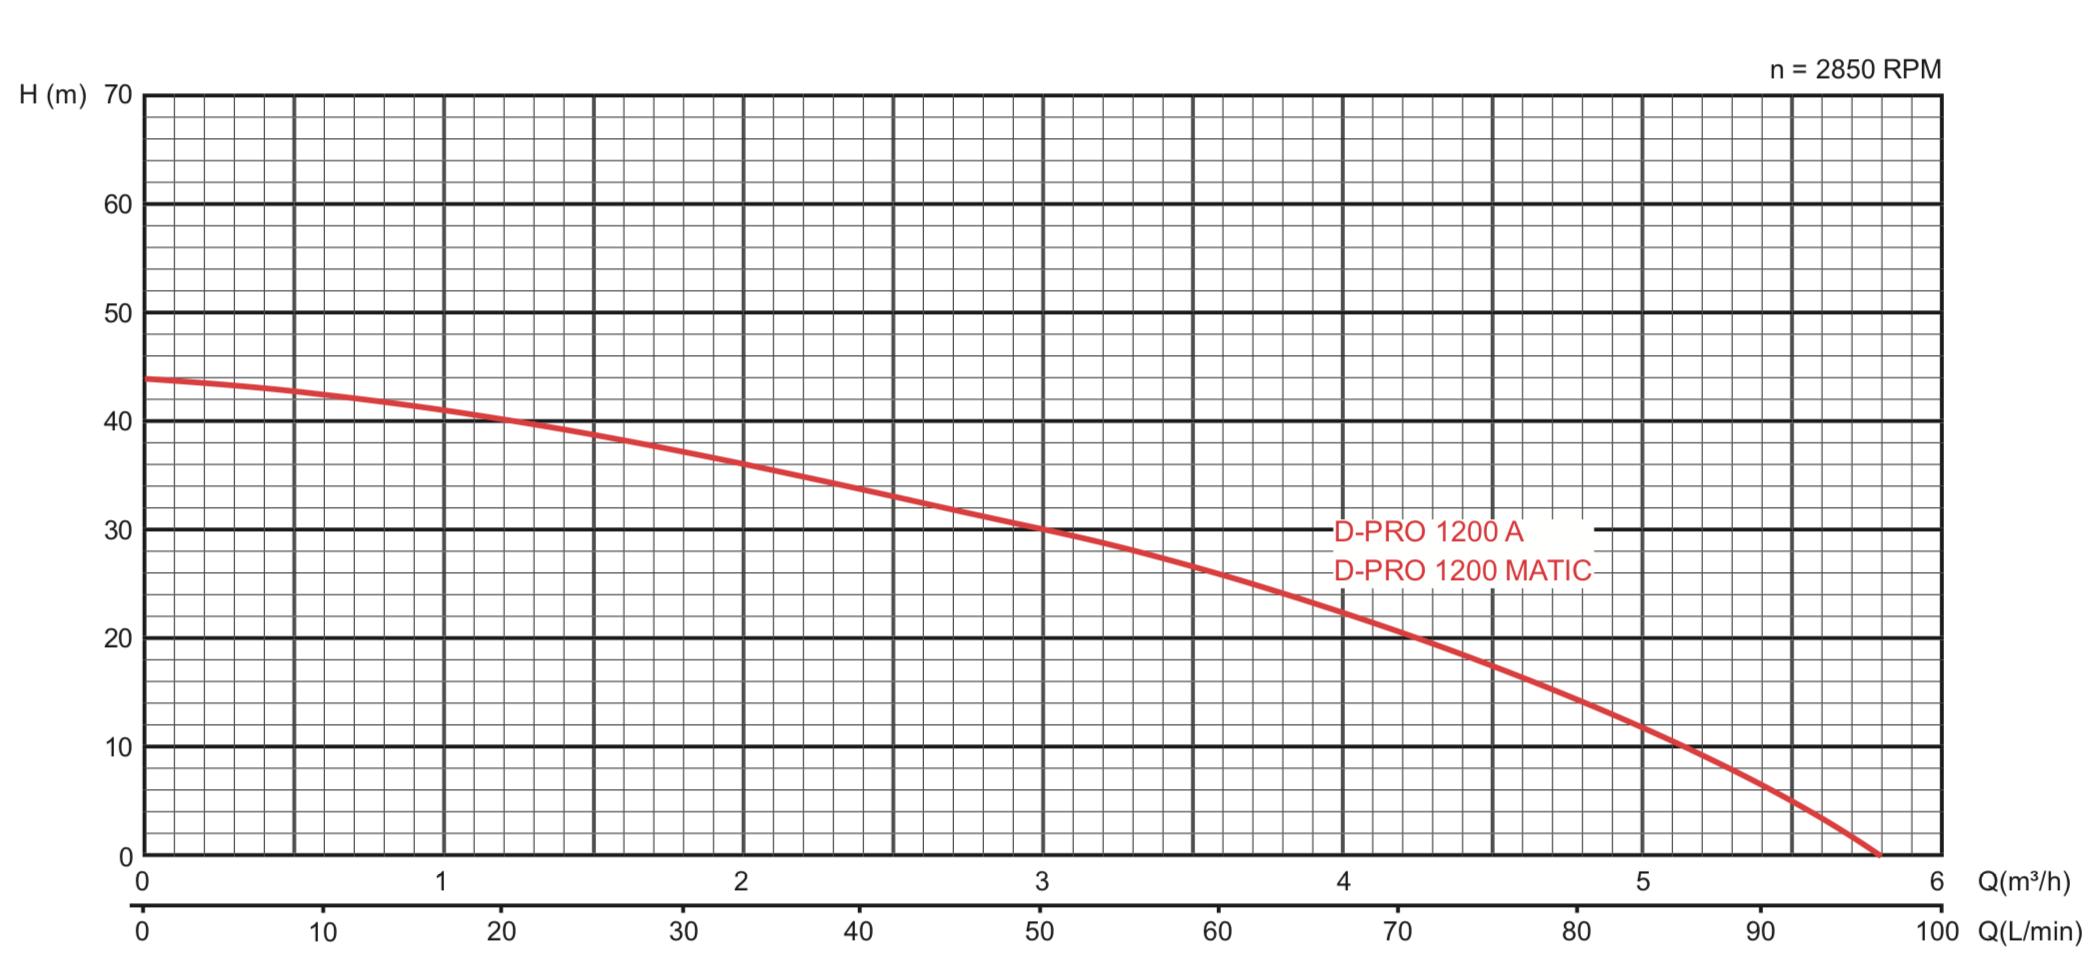 Courbe de performances d-pro 1200 matic